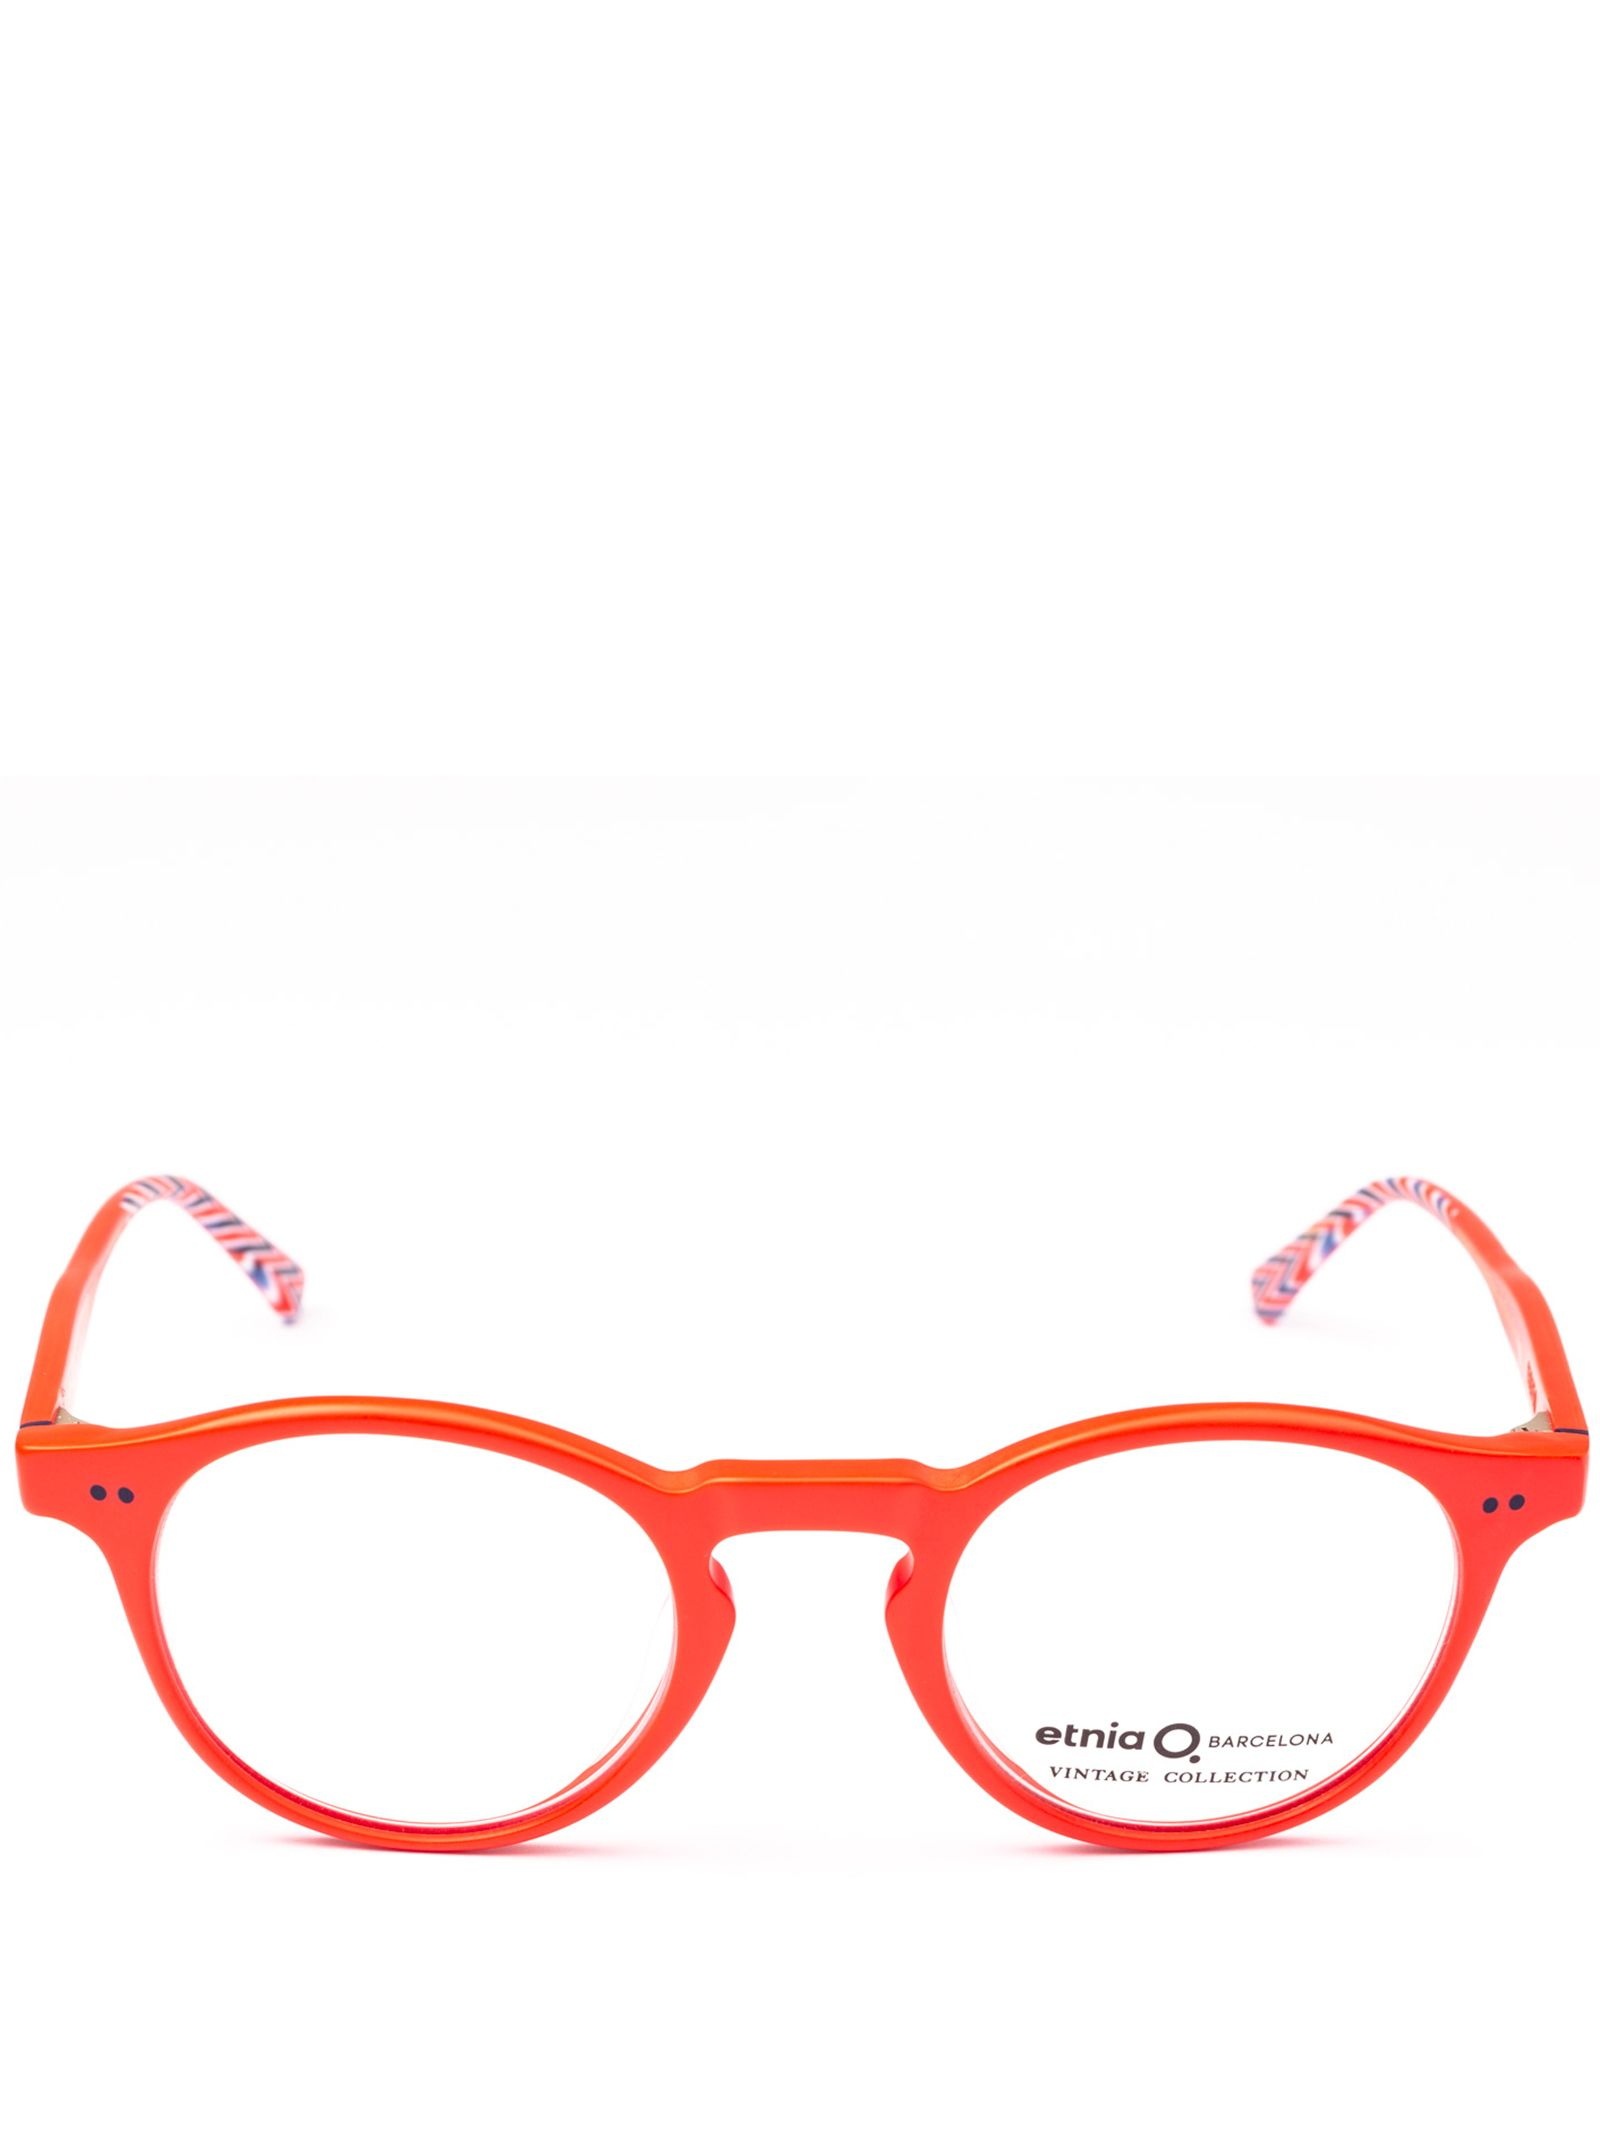 ETNIA BARCELONA Glasses in Rdbl